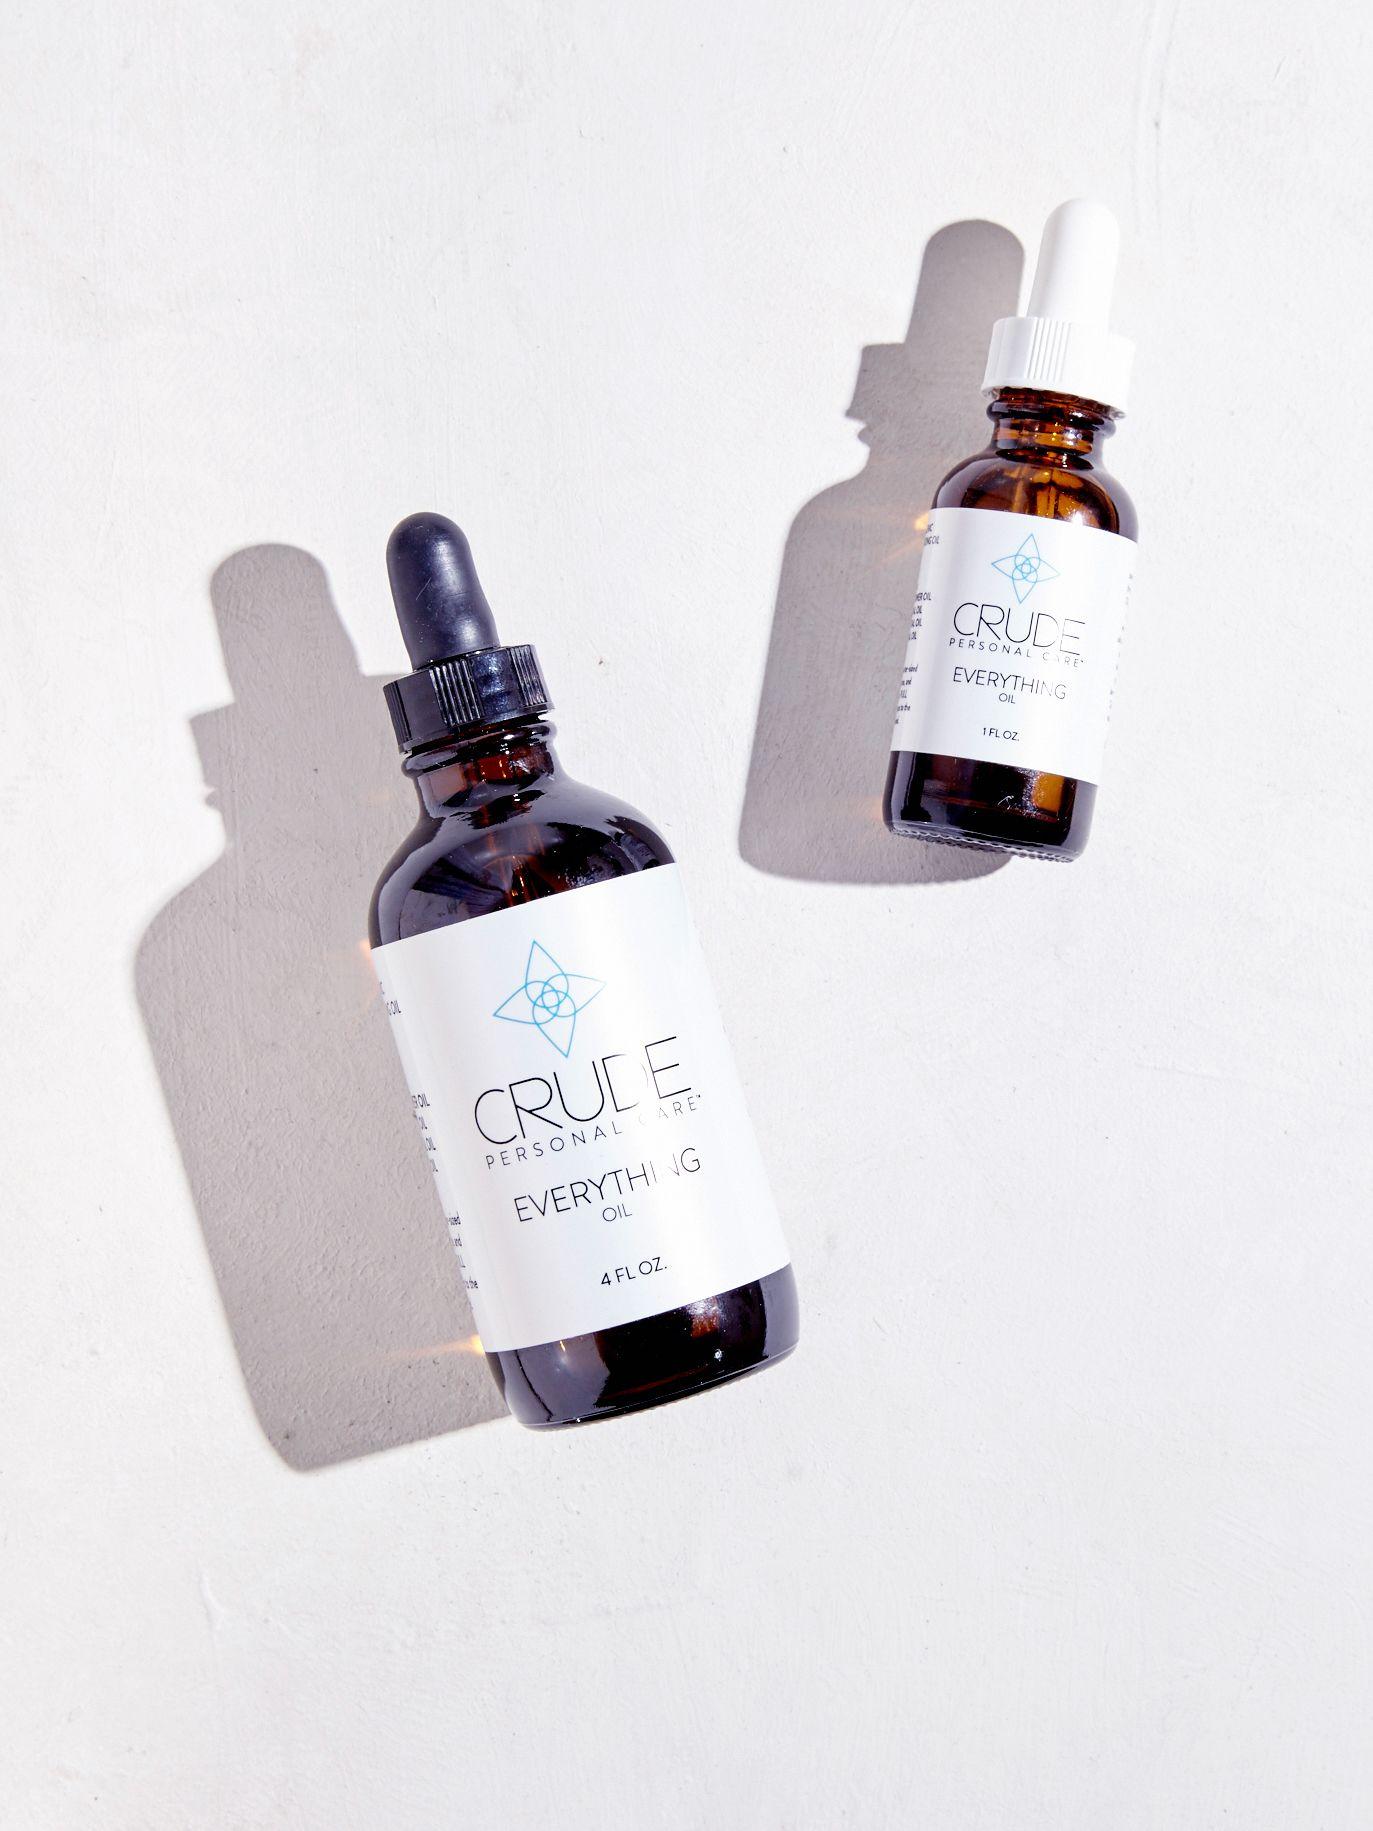 Cleanse Bergamot essential oil, Grapefruit essential oil